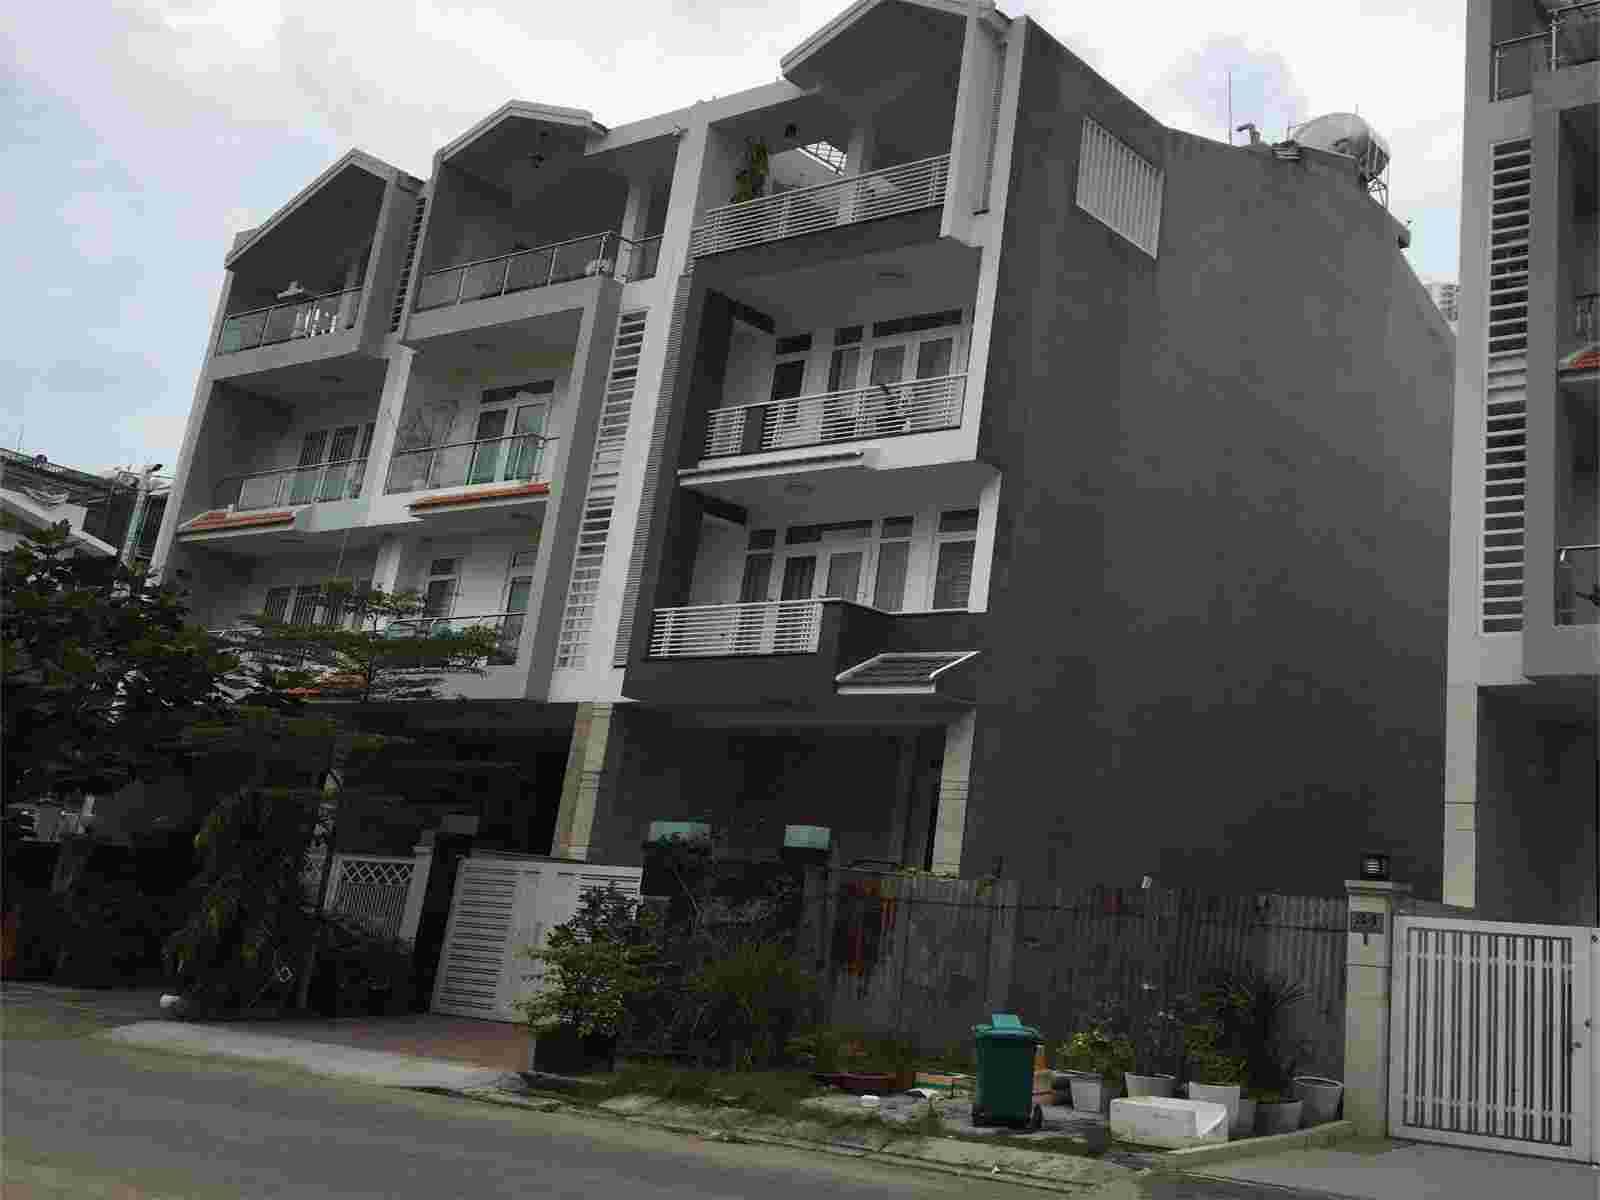 Bán đất nền Him Lam Kênh Tẻ Quận 7, mặt tiền đường D1, diện tích 100m2, giá 220 triệu/m2. LH: 0913.050.053